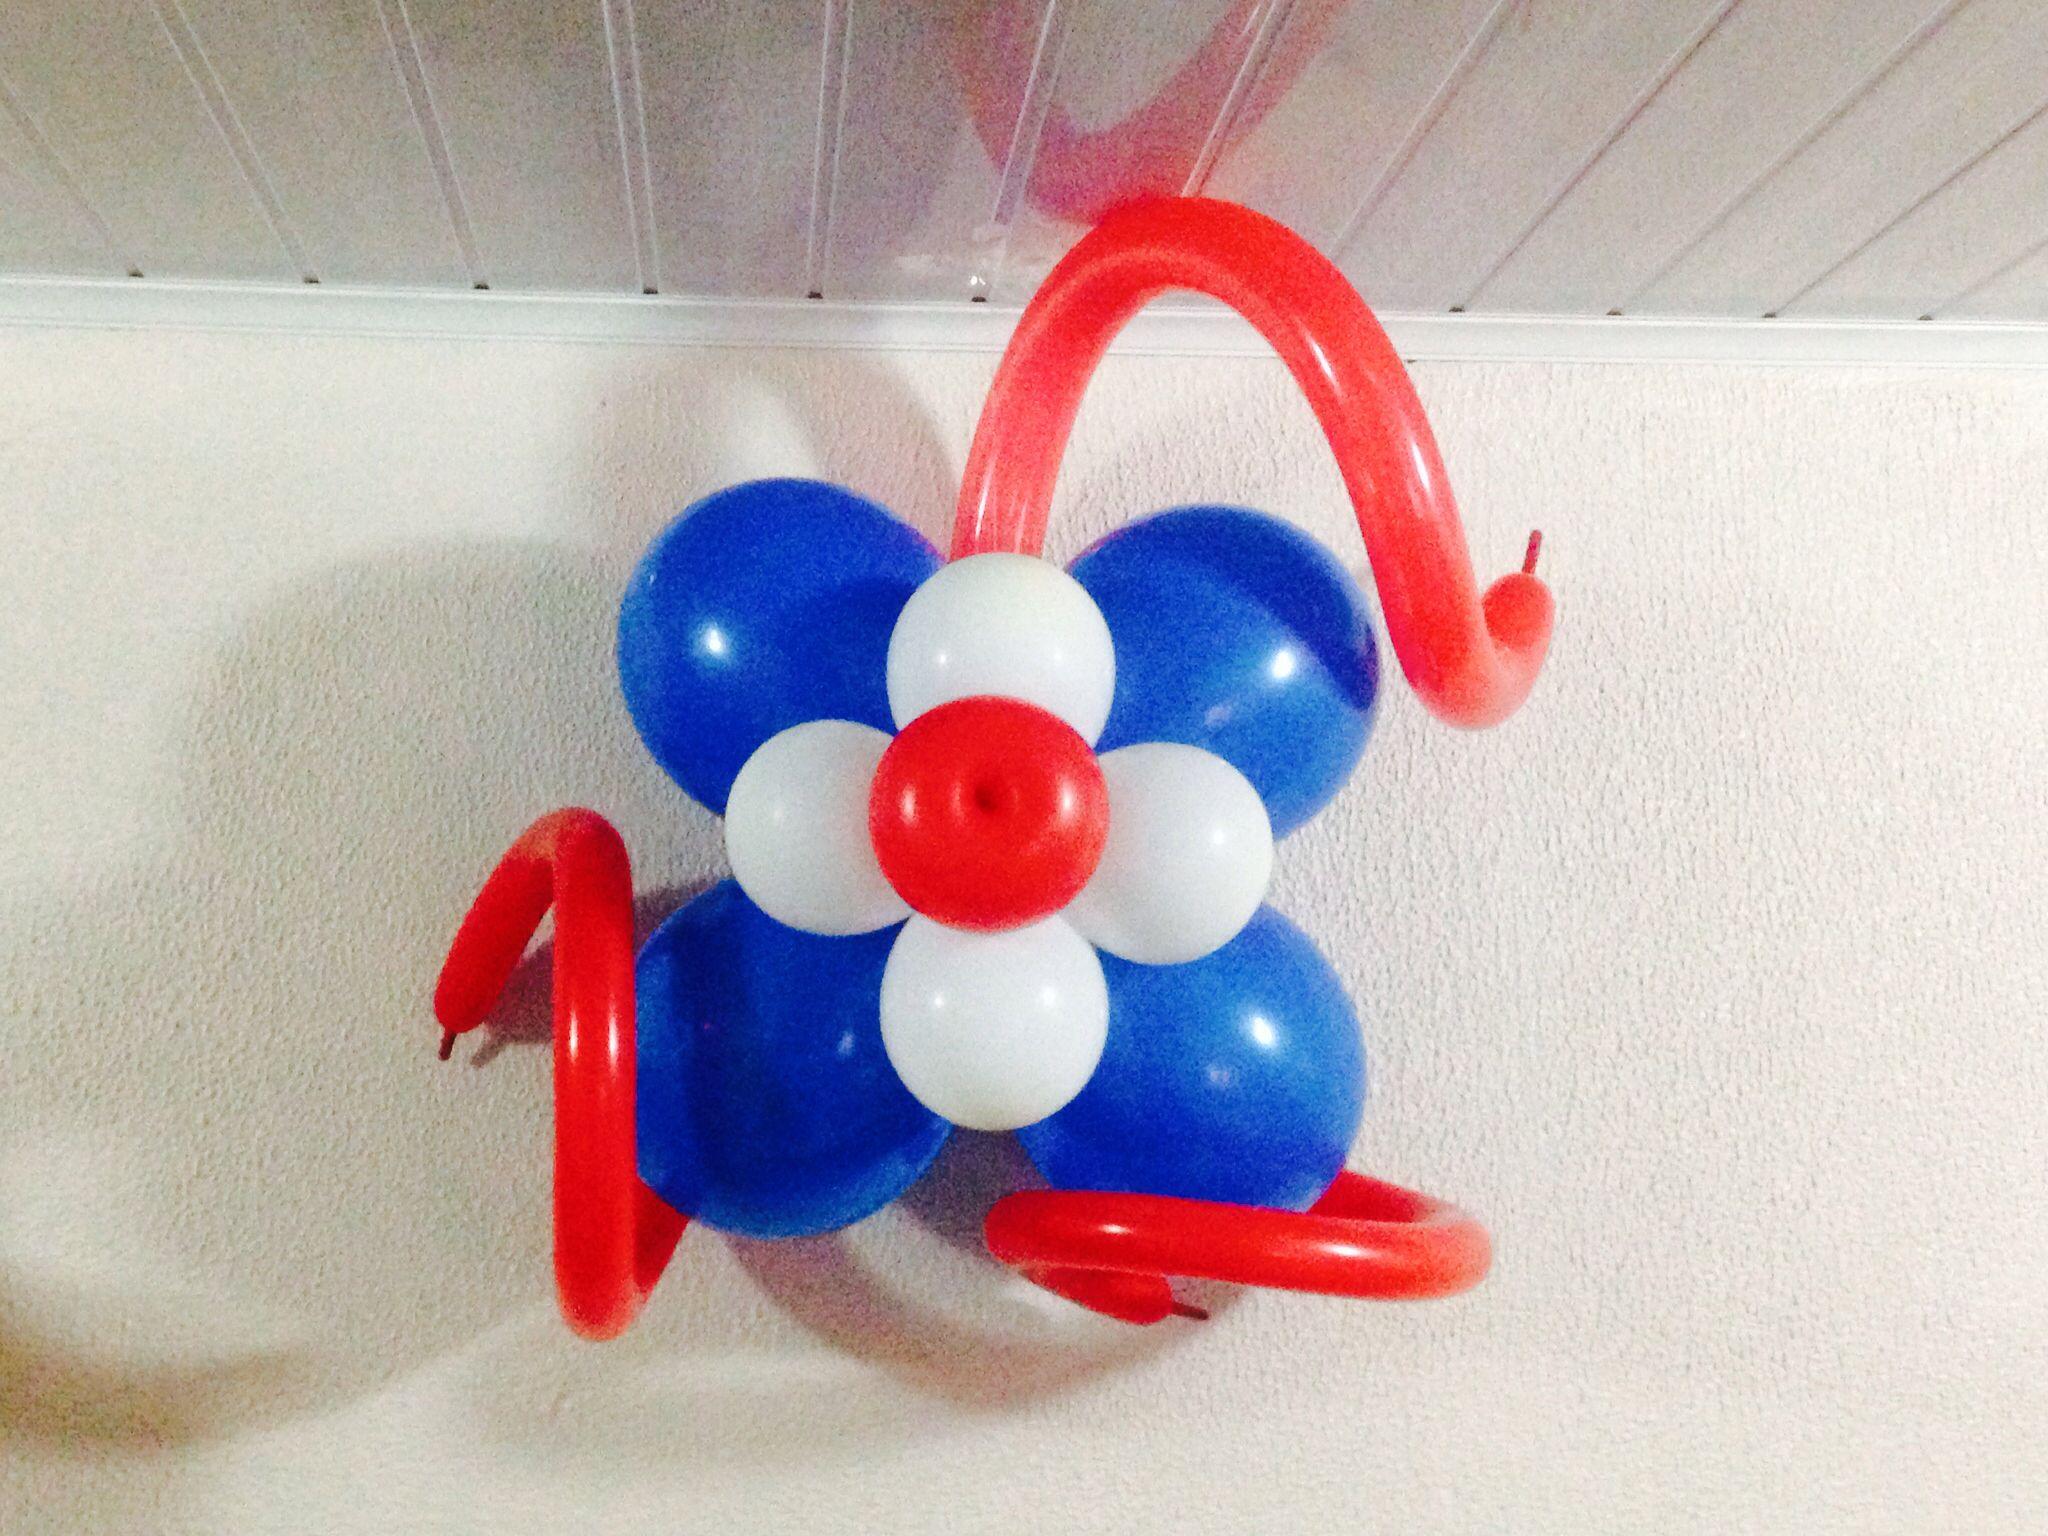 Flor Con Globos Con Colores Patrios Paredes O Columnas Country Crafts Balloons Crafts